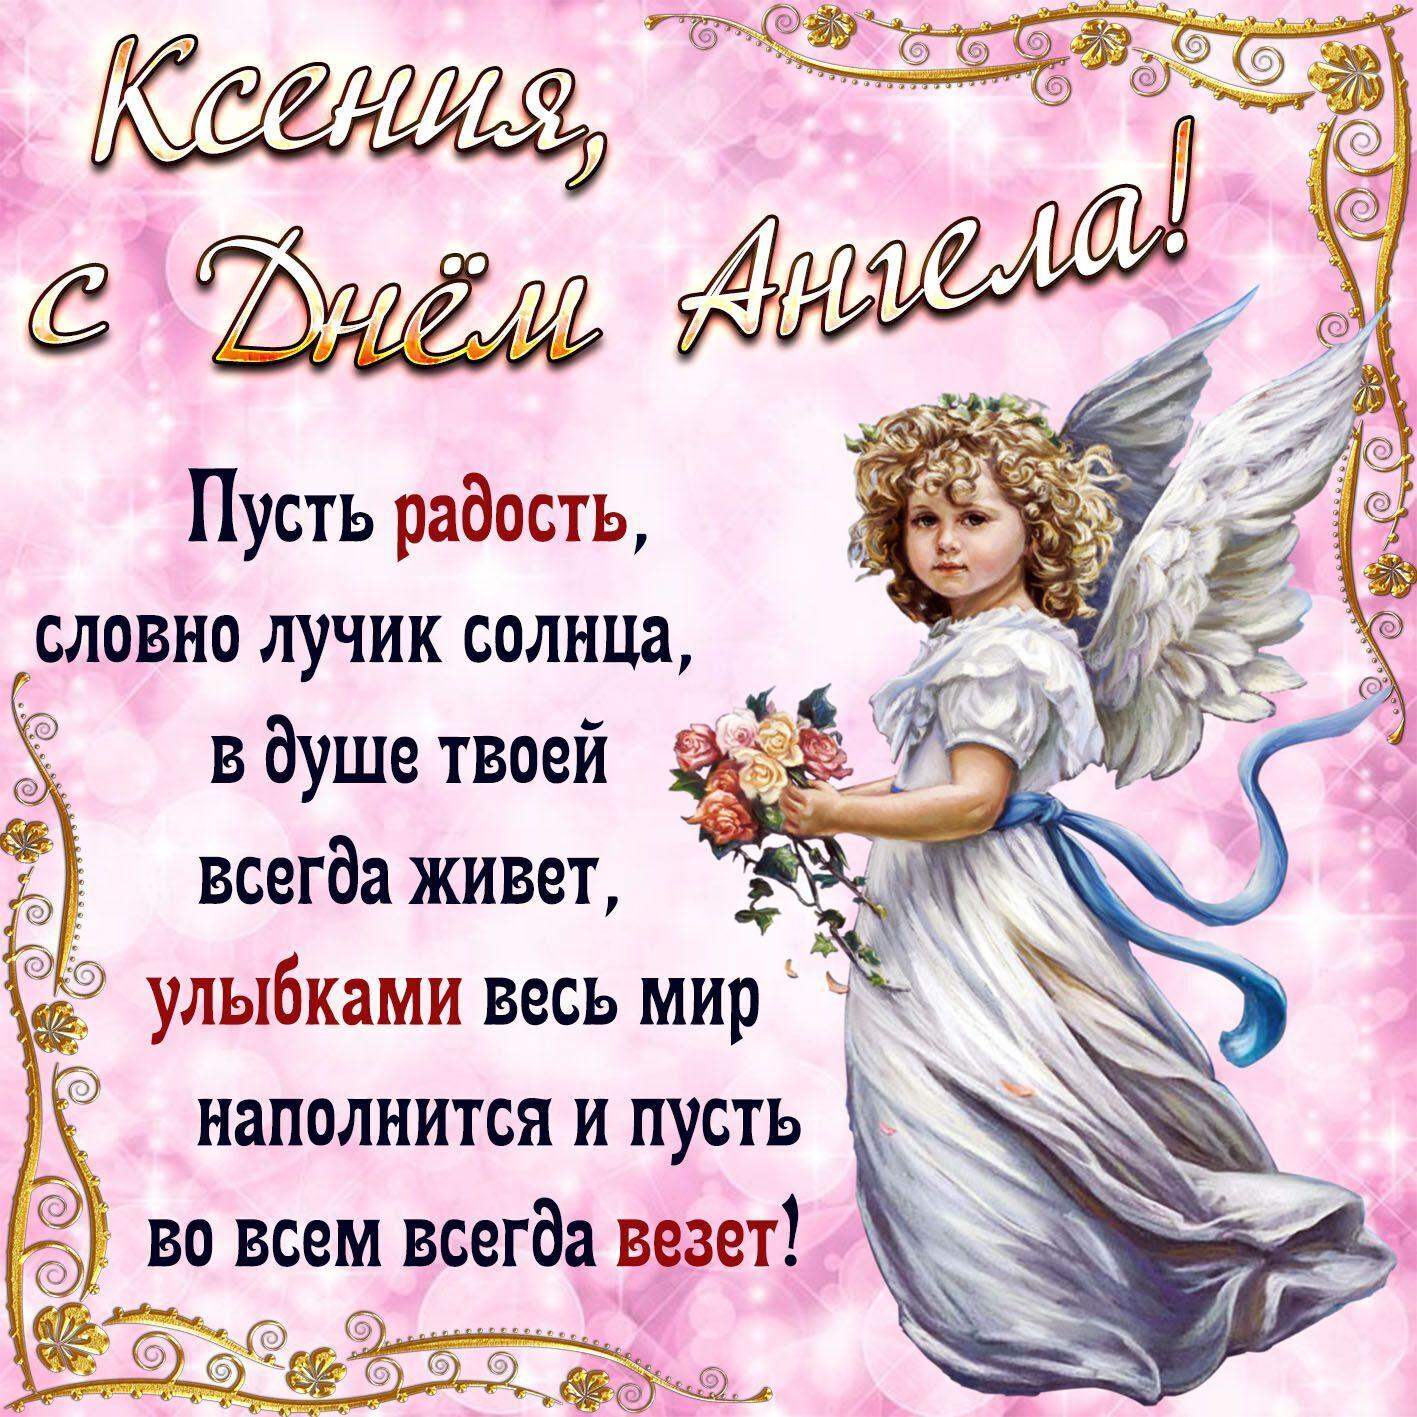 Привітання з днем ангела Ксенії